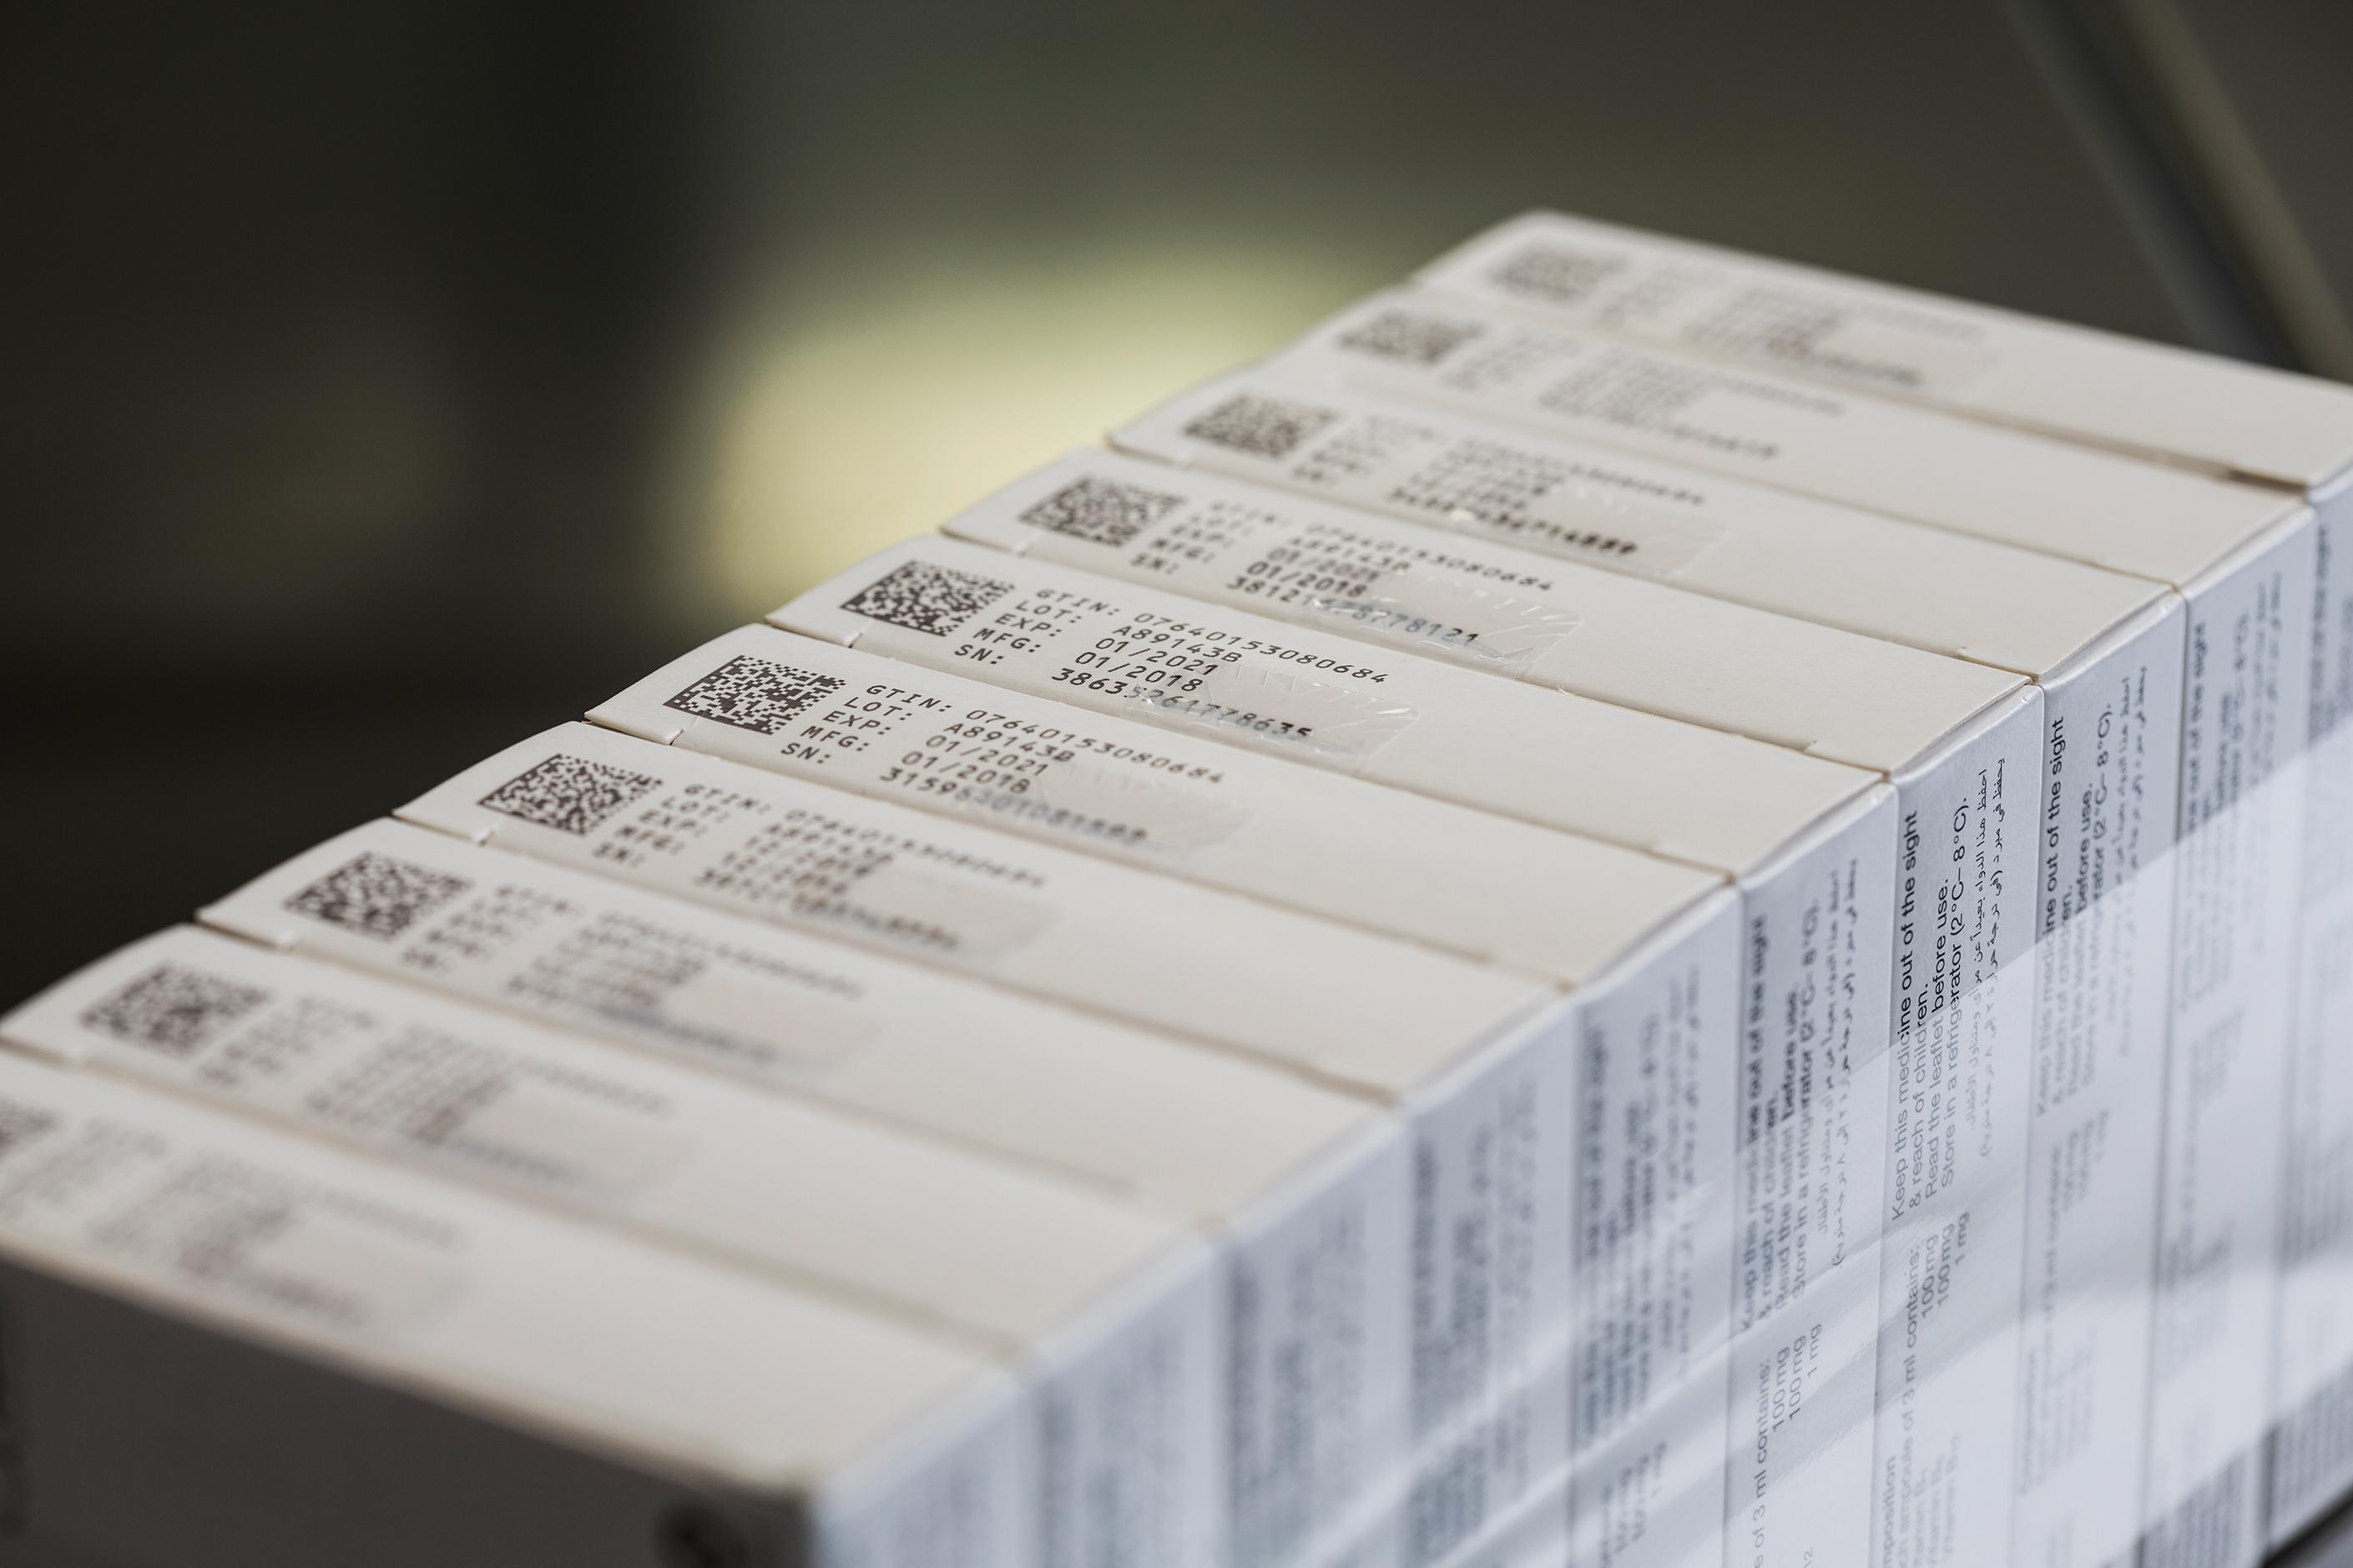 Gebündelte Medikamentenverpackungen mit Data Matrix Code und fünfzeiligem Klarschriftaufdruck.